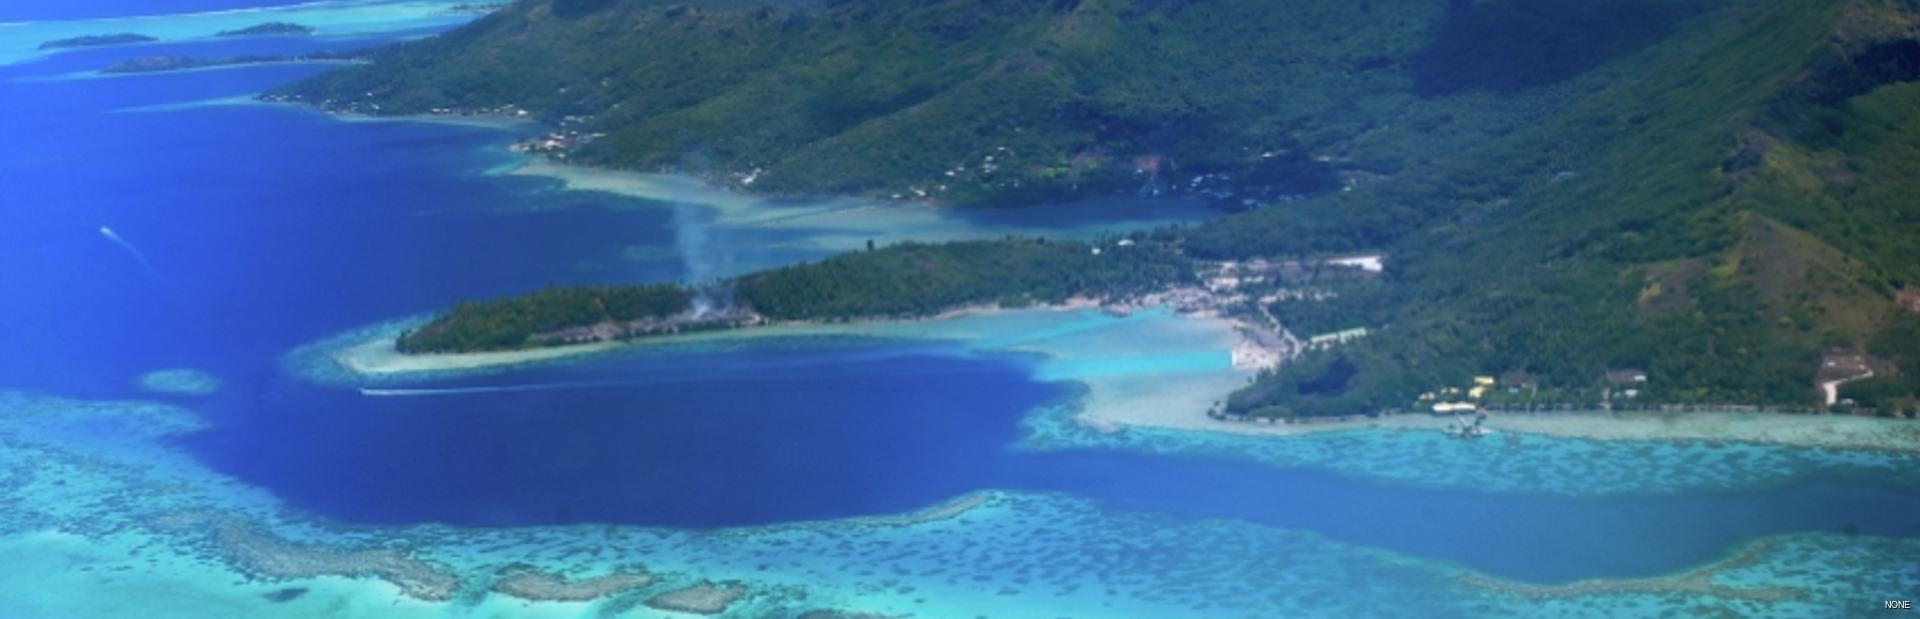 French Polynesia photo tour